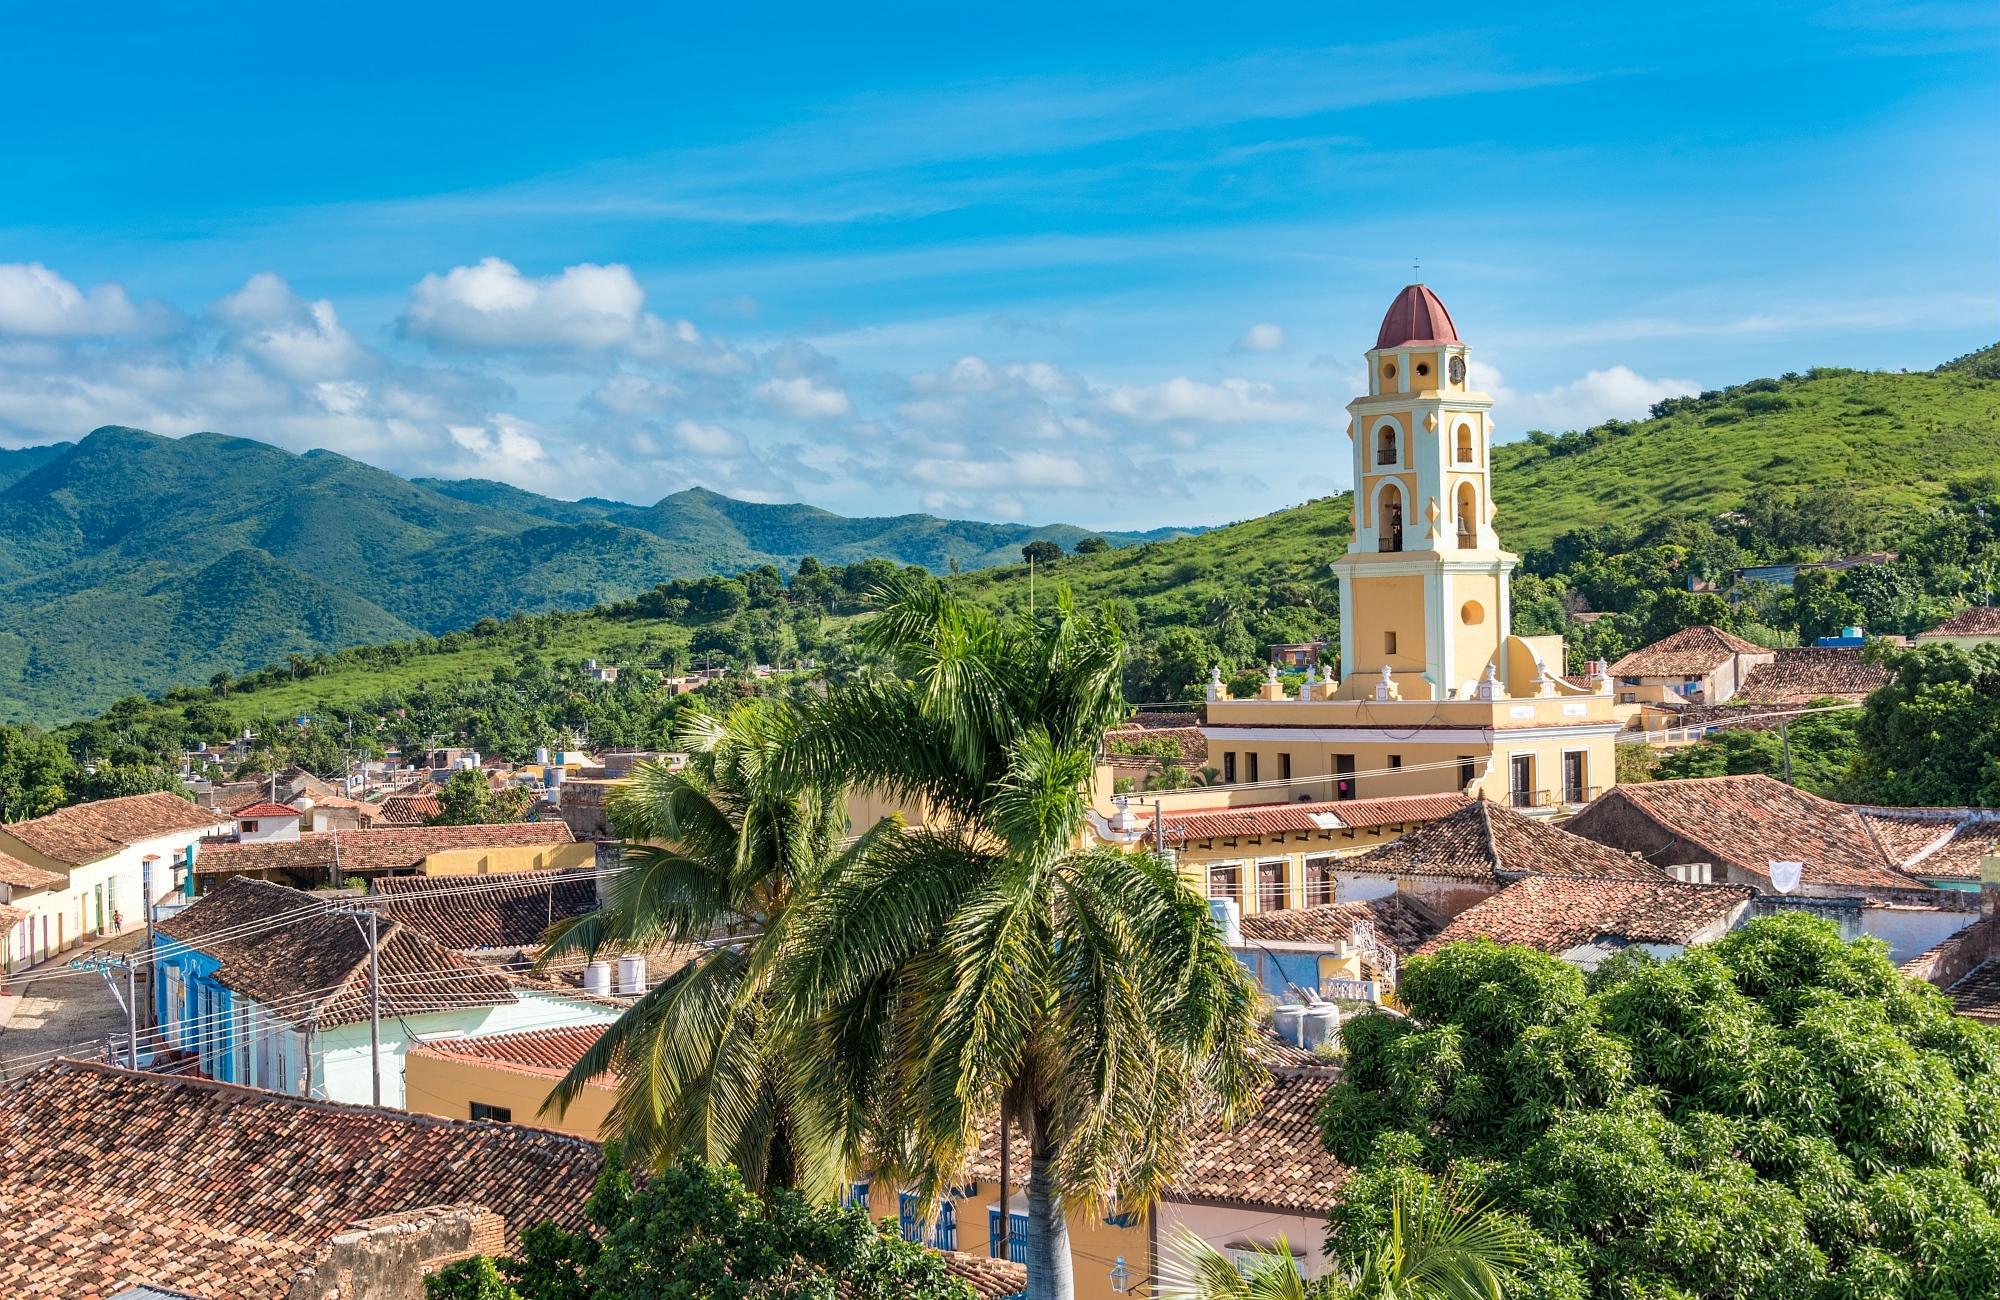 Sur les hauteurs de Cuba, la charmante cité coloniale Trinidad